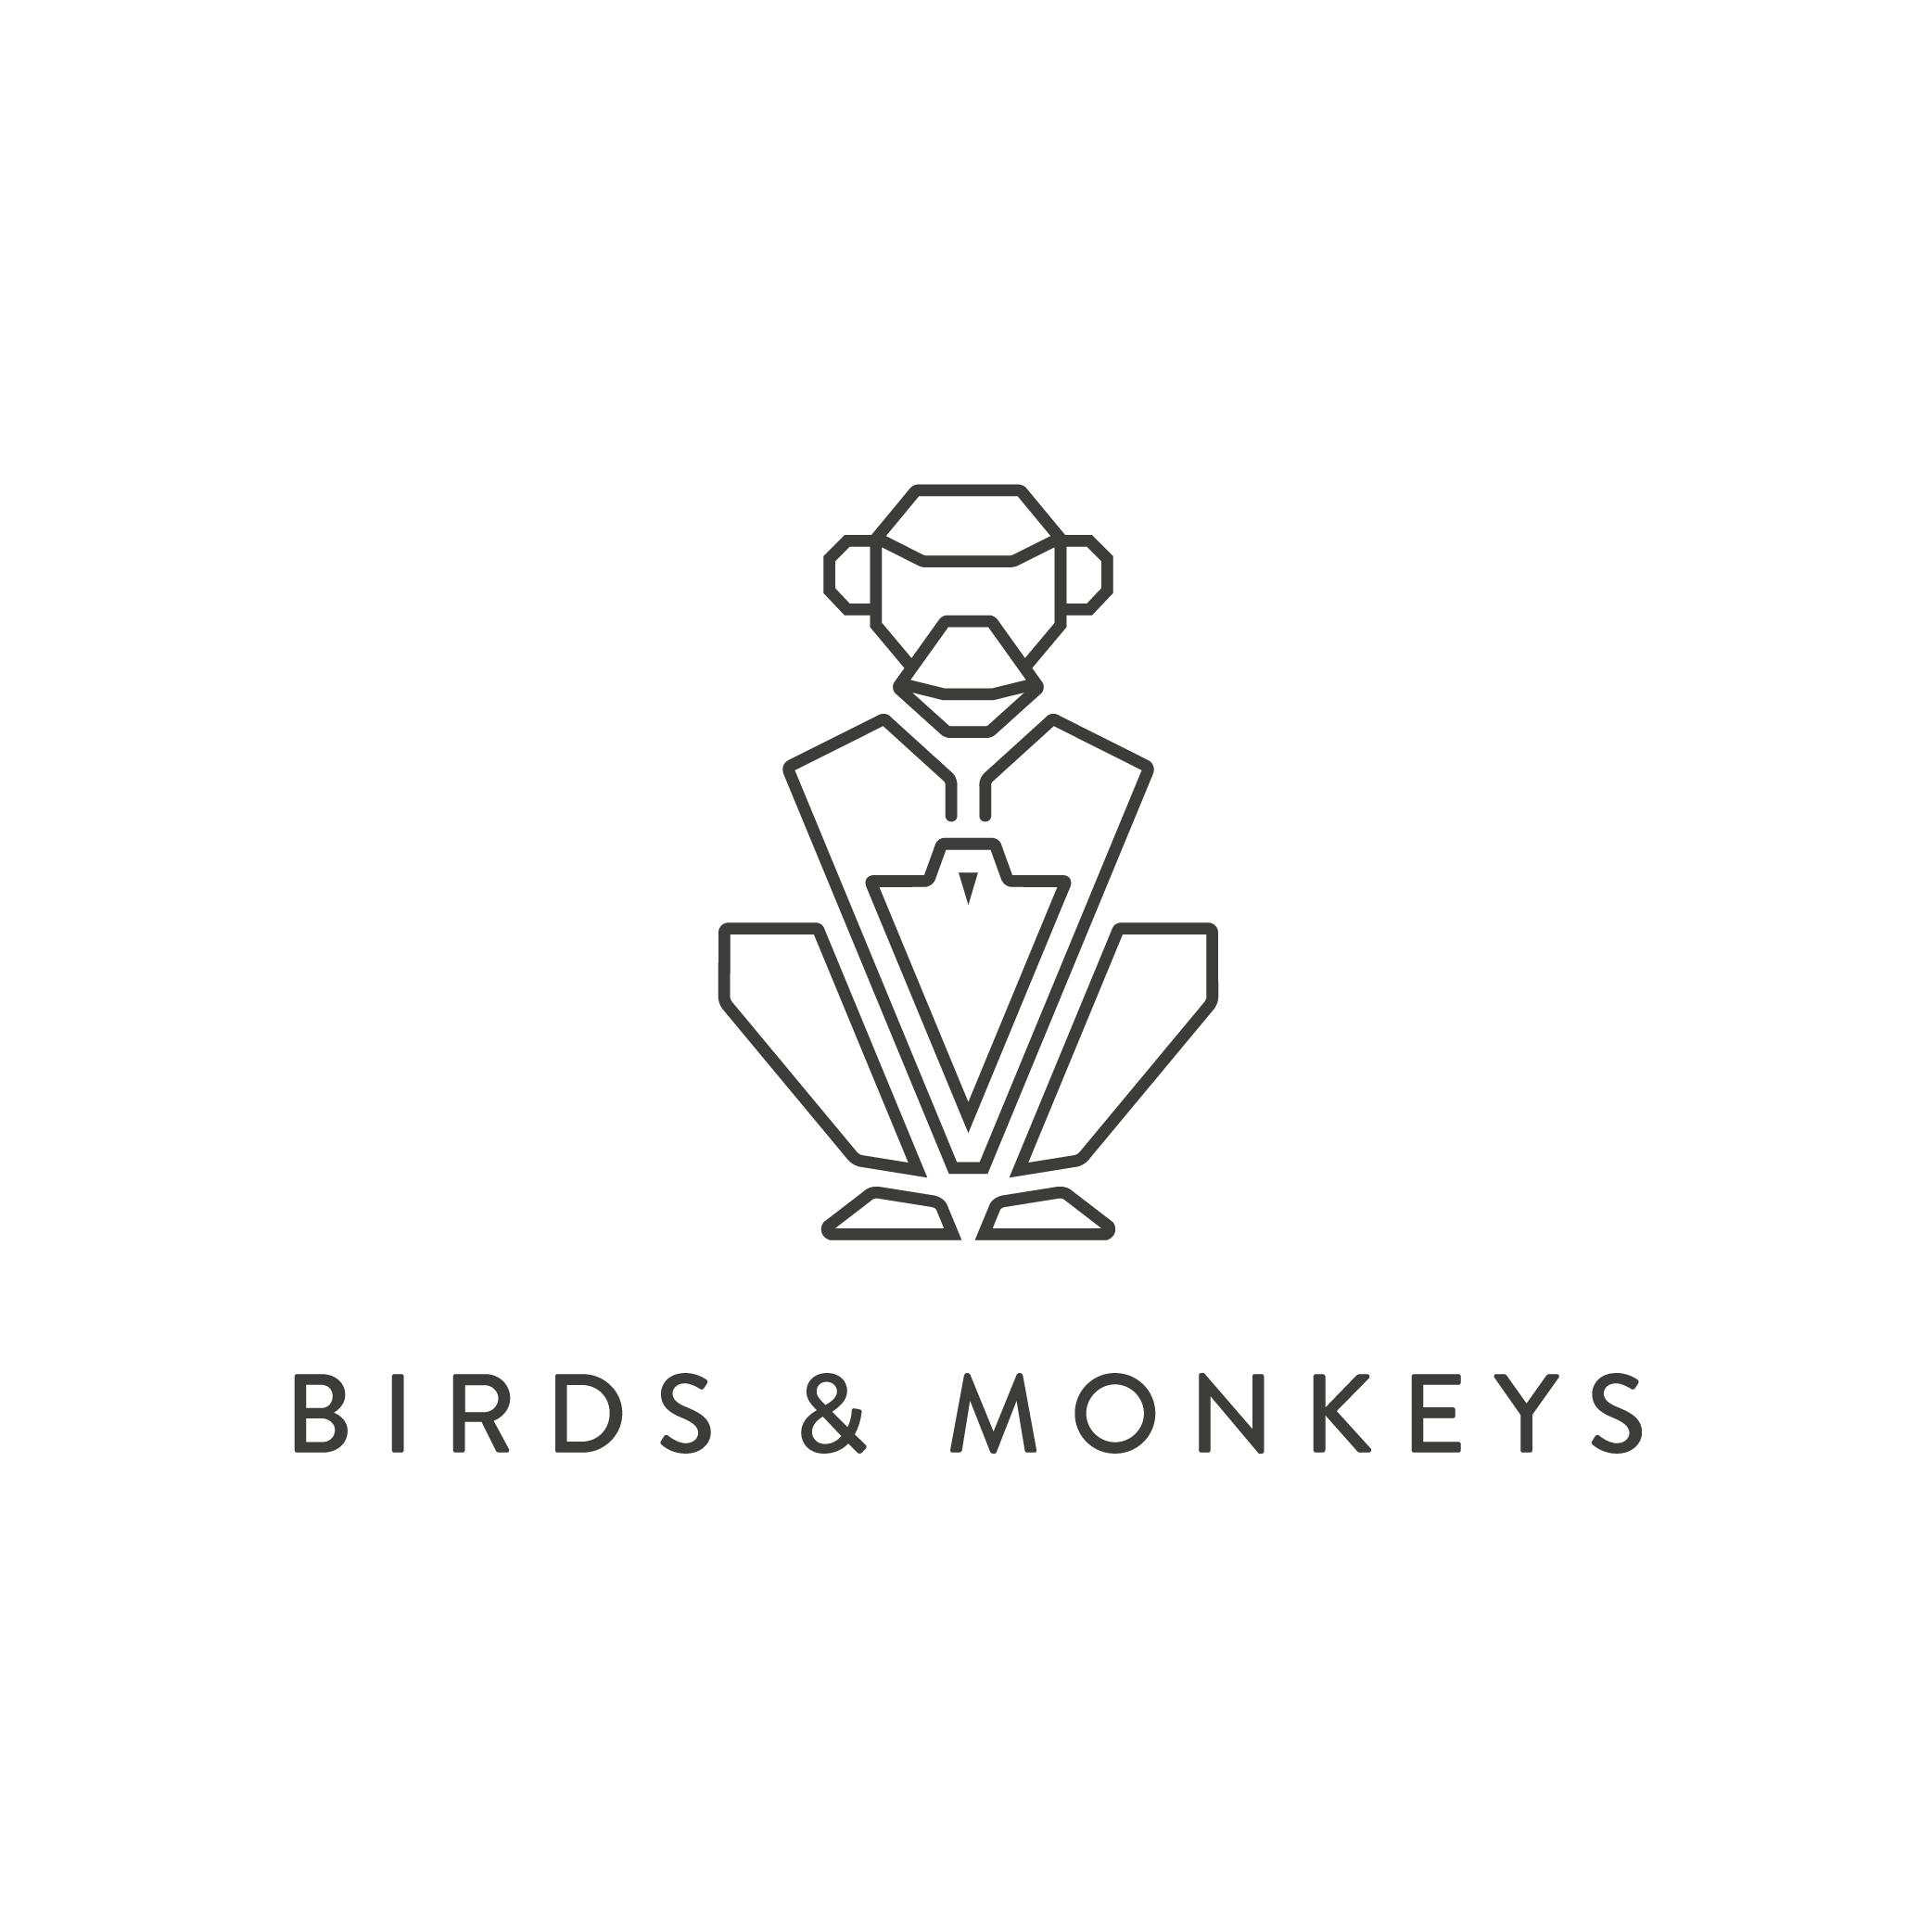 Birds & Monkeys